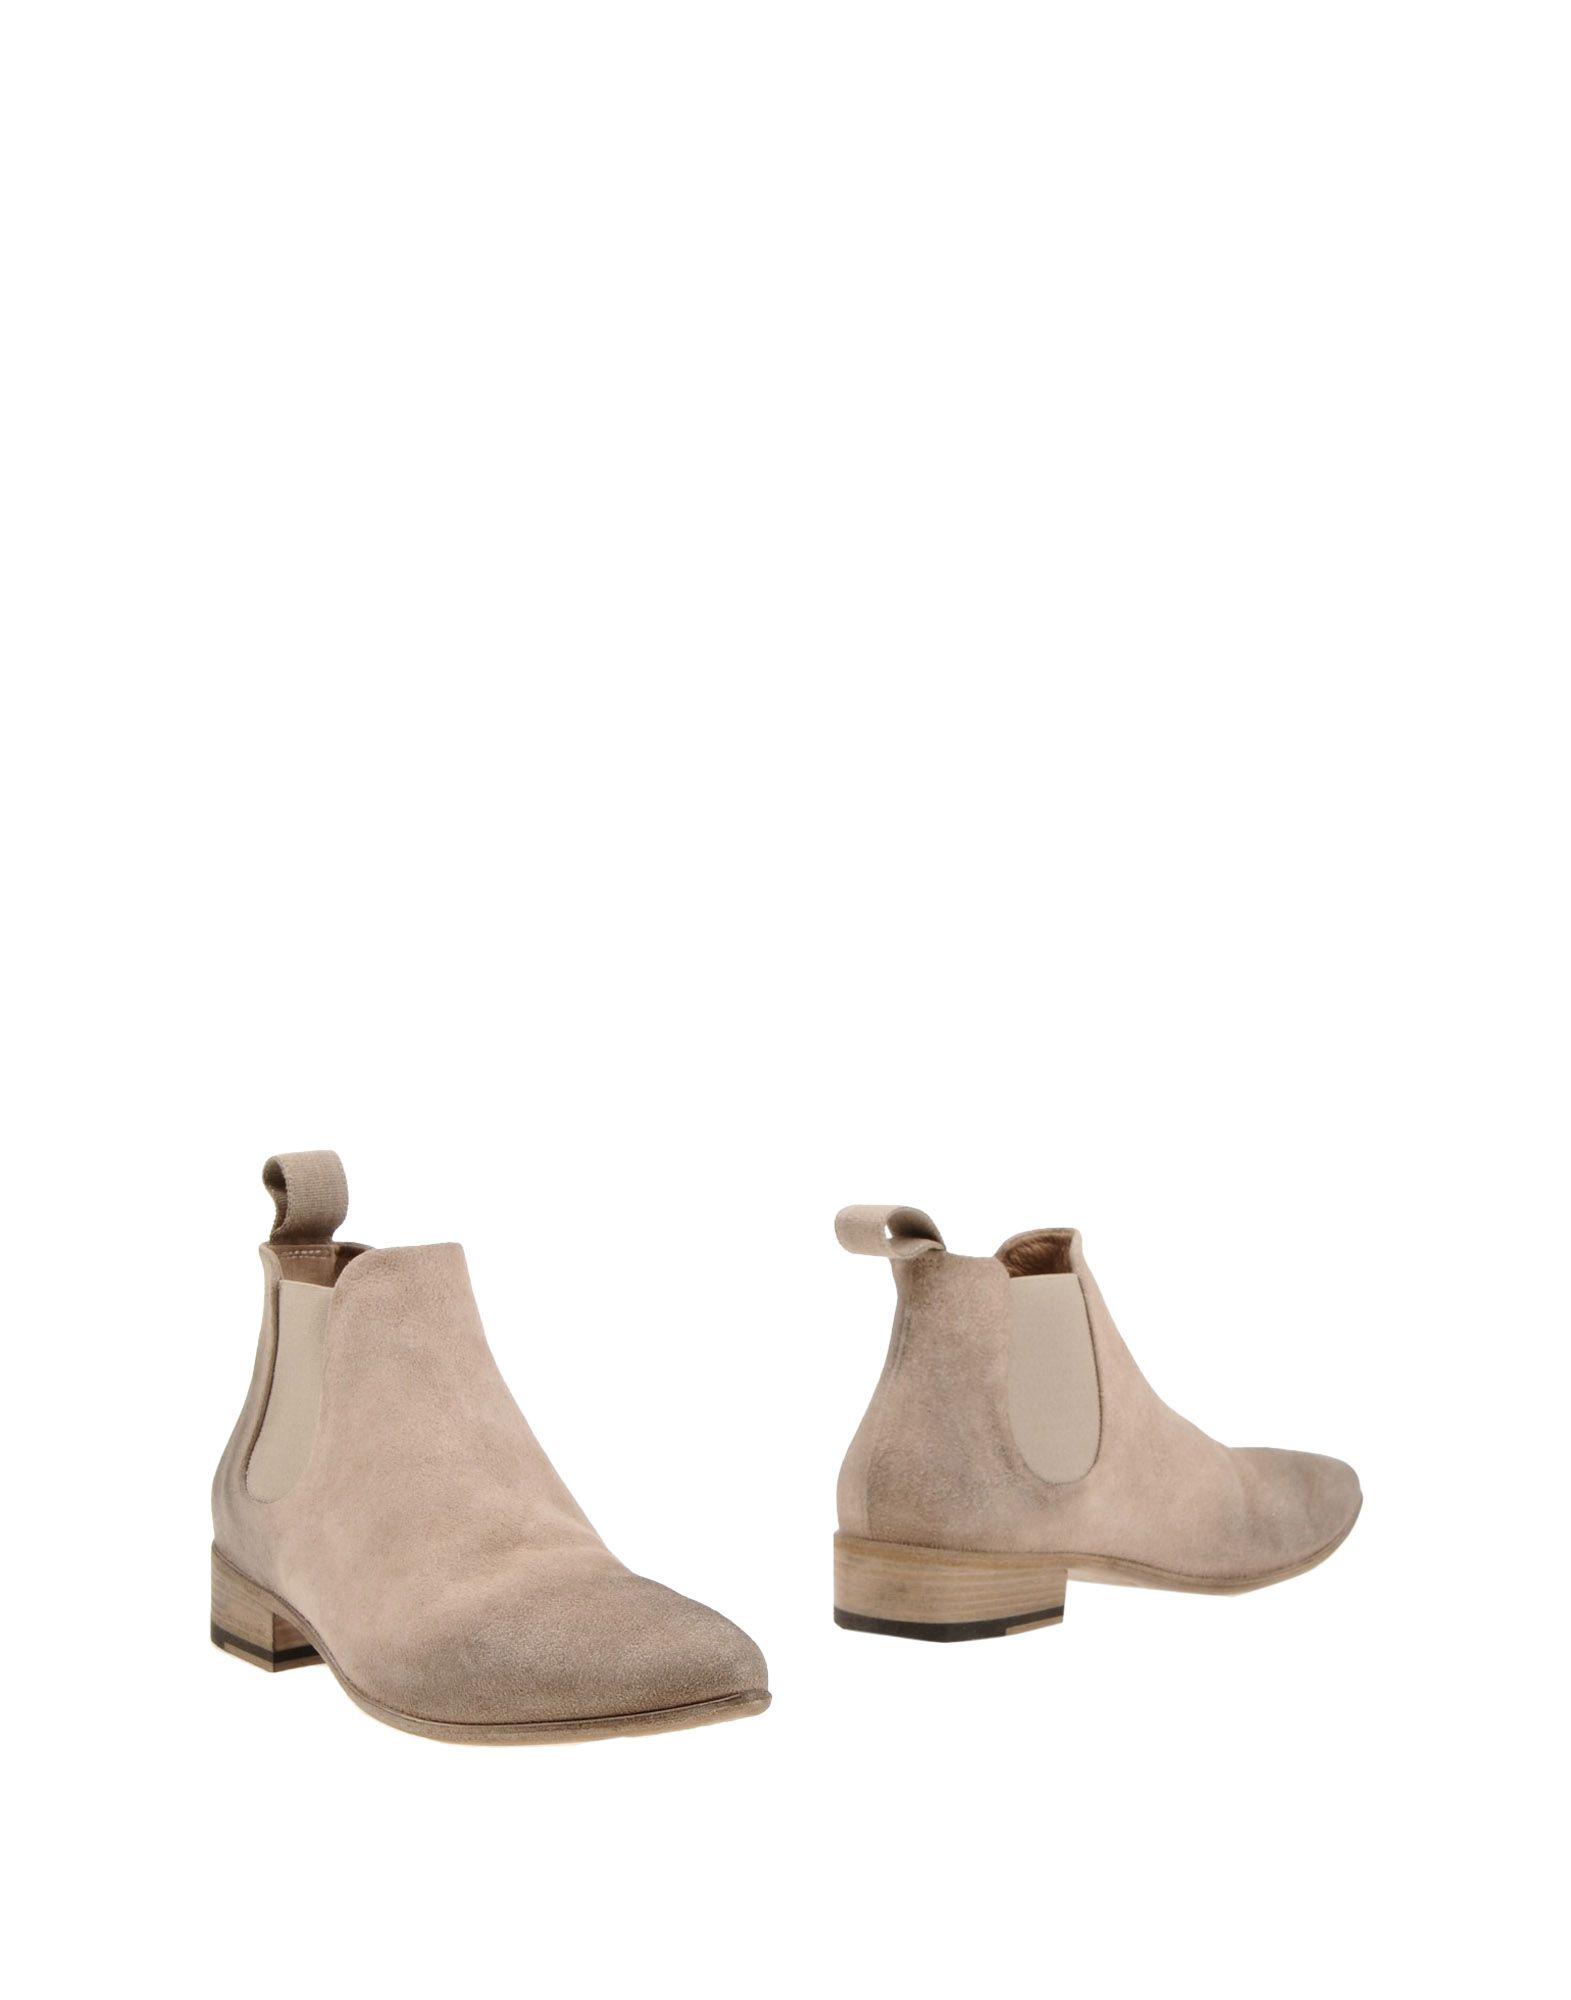 Marsèll Stiefelette Herren  11402180PW Gute Qualität beliebte Schuhe